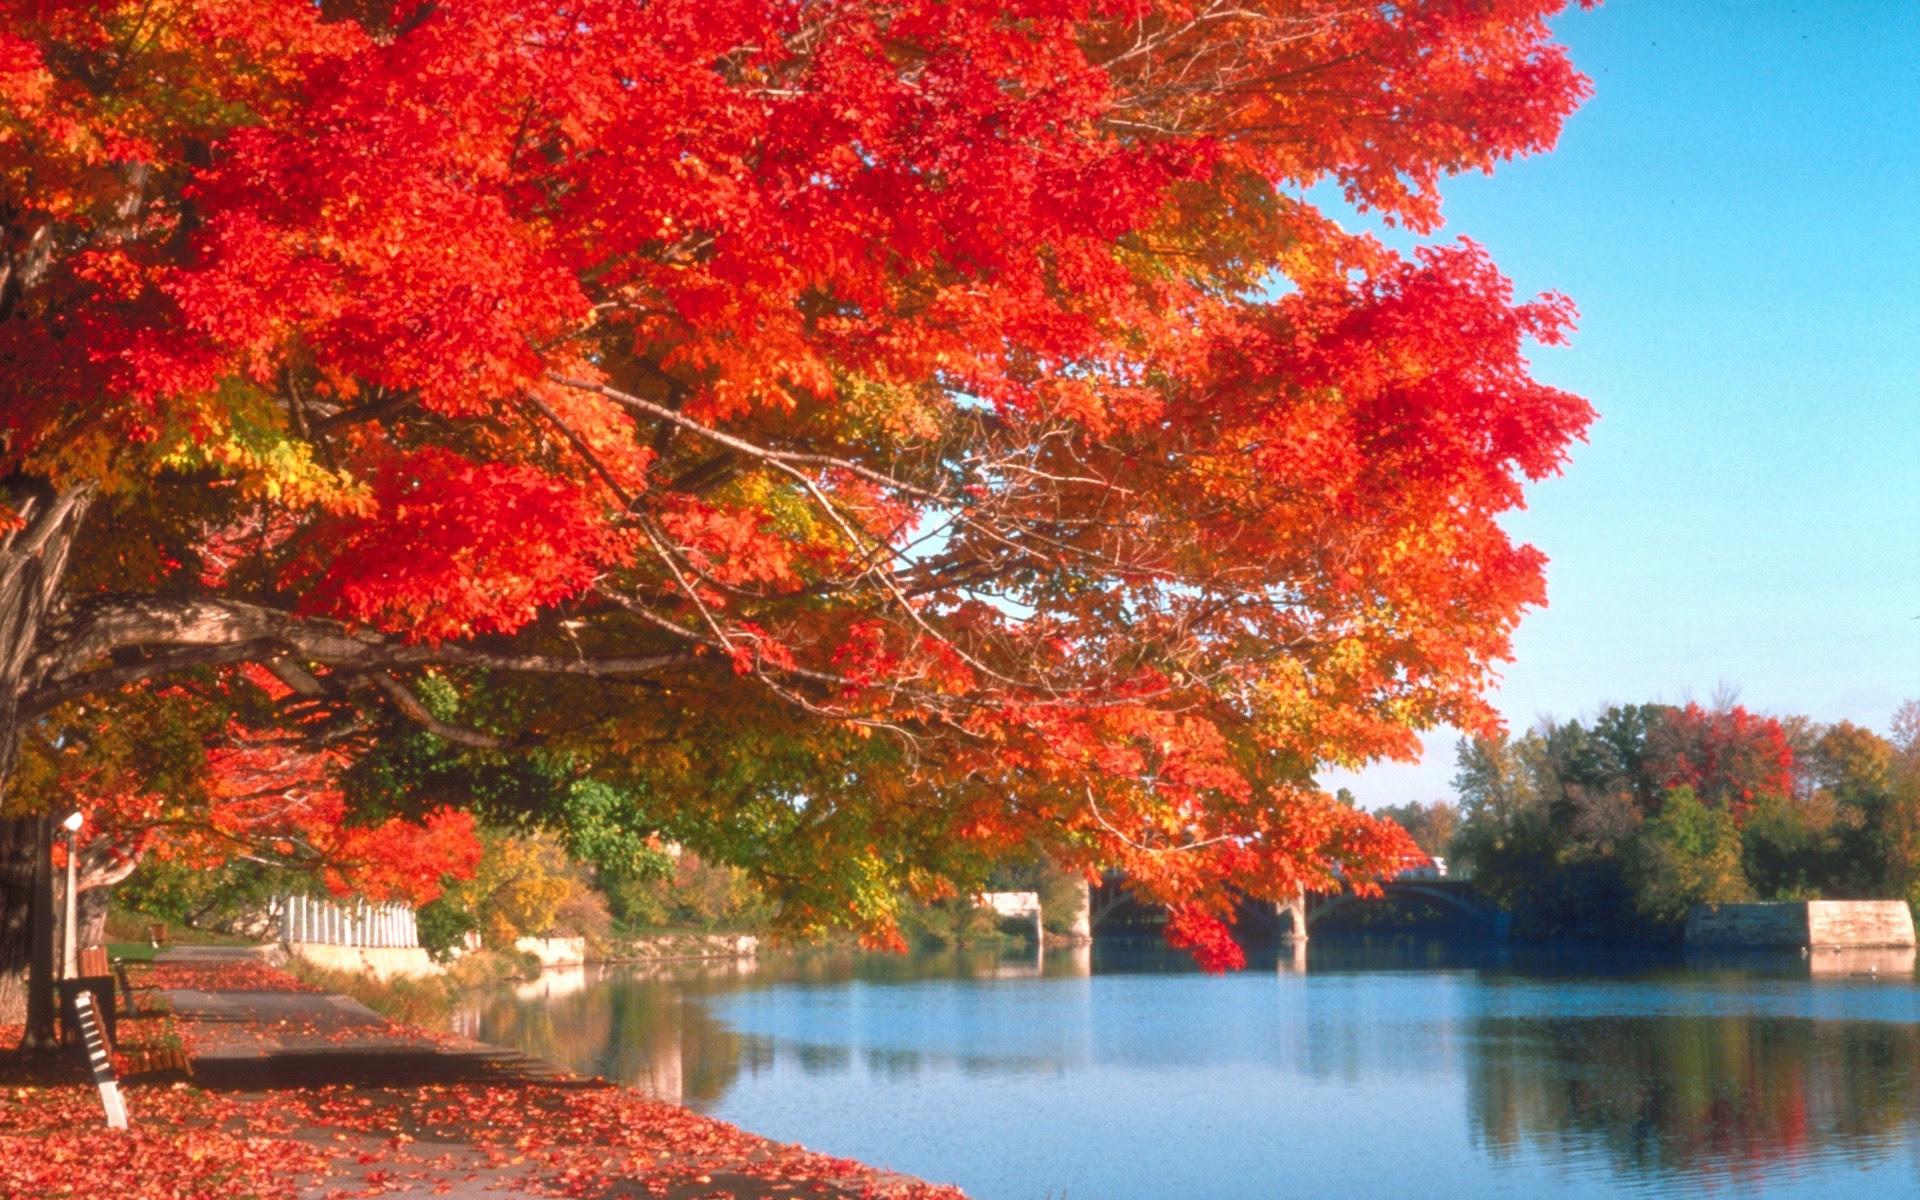 風景壁紙 無料ダウンロード 秋の風景